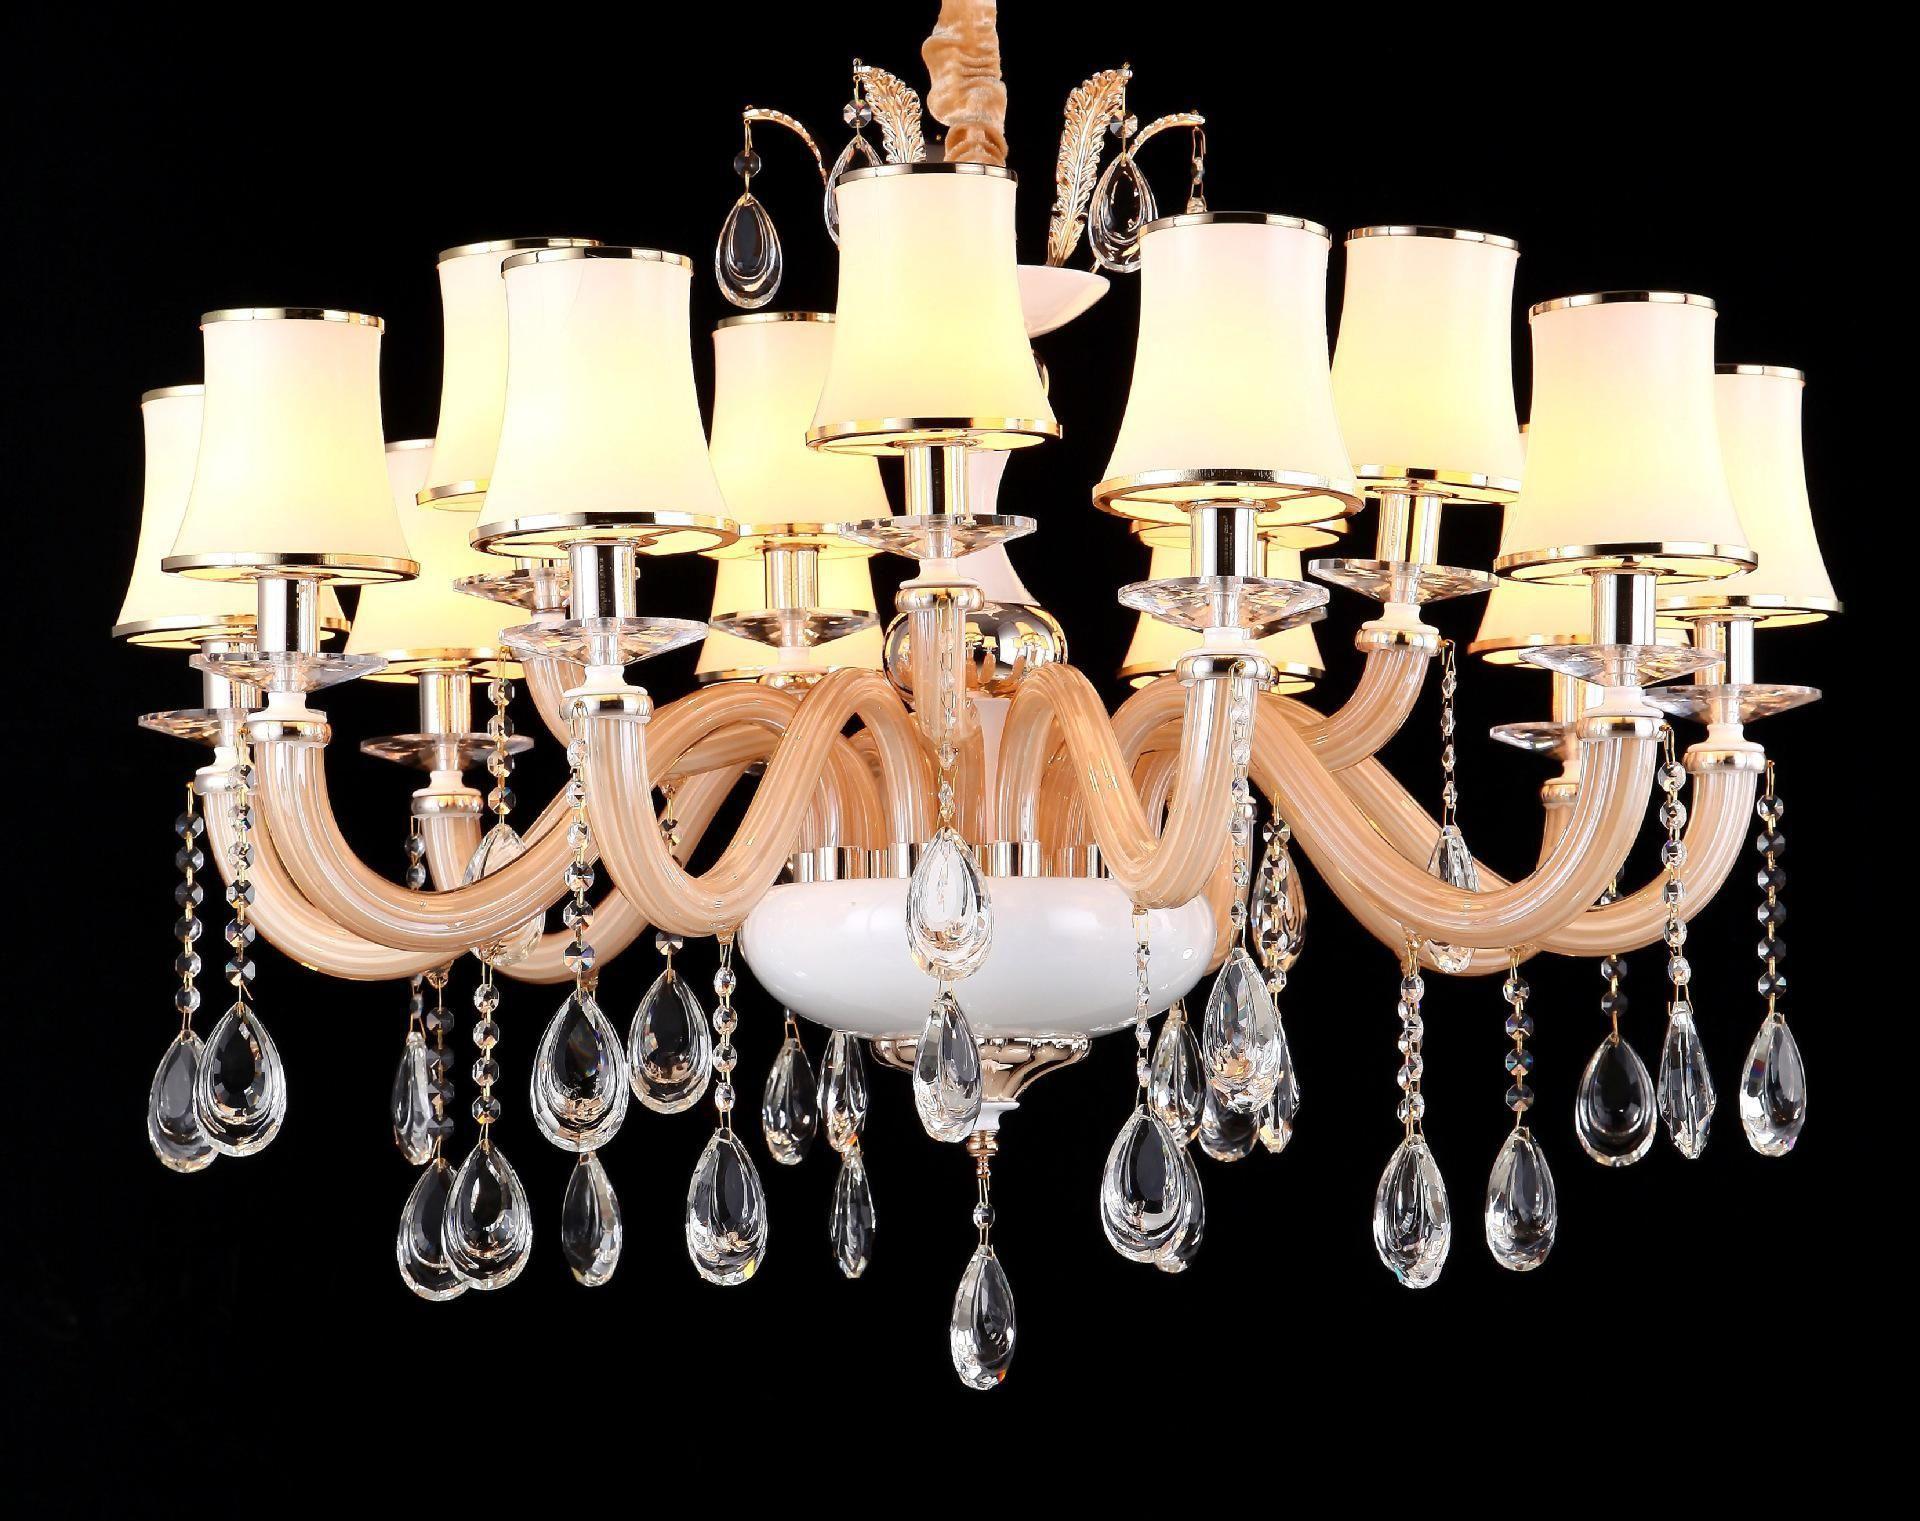 水晶灯日常清洗技巧 水晶灯安装注意事项